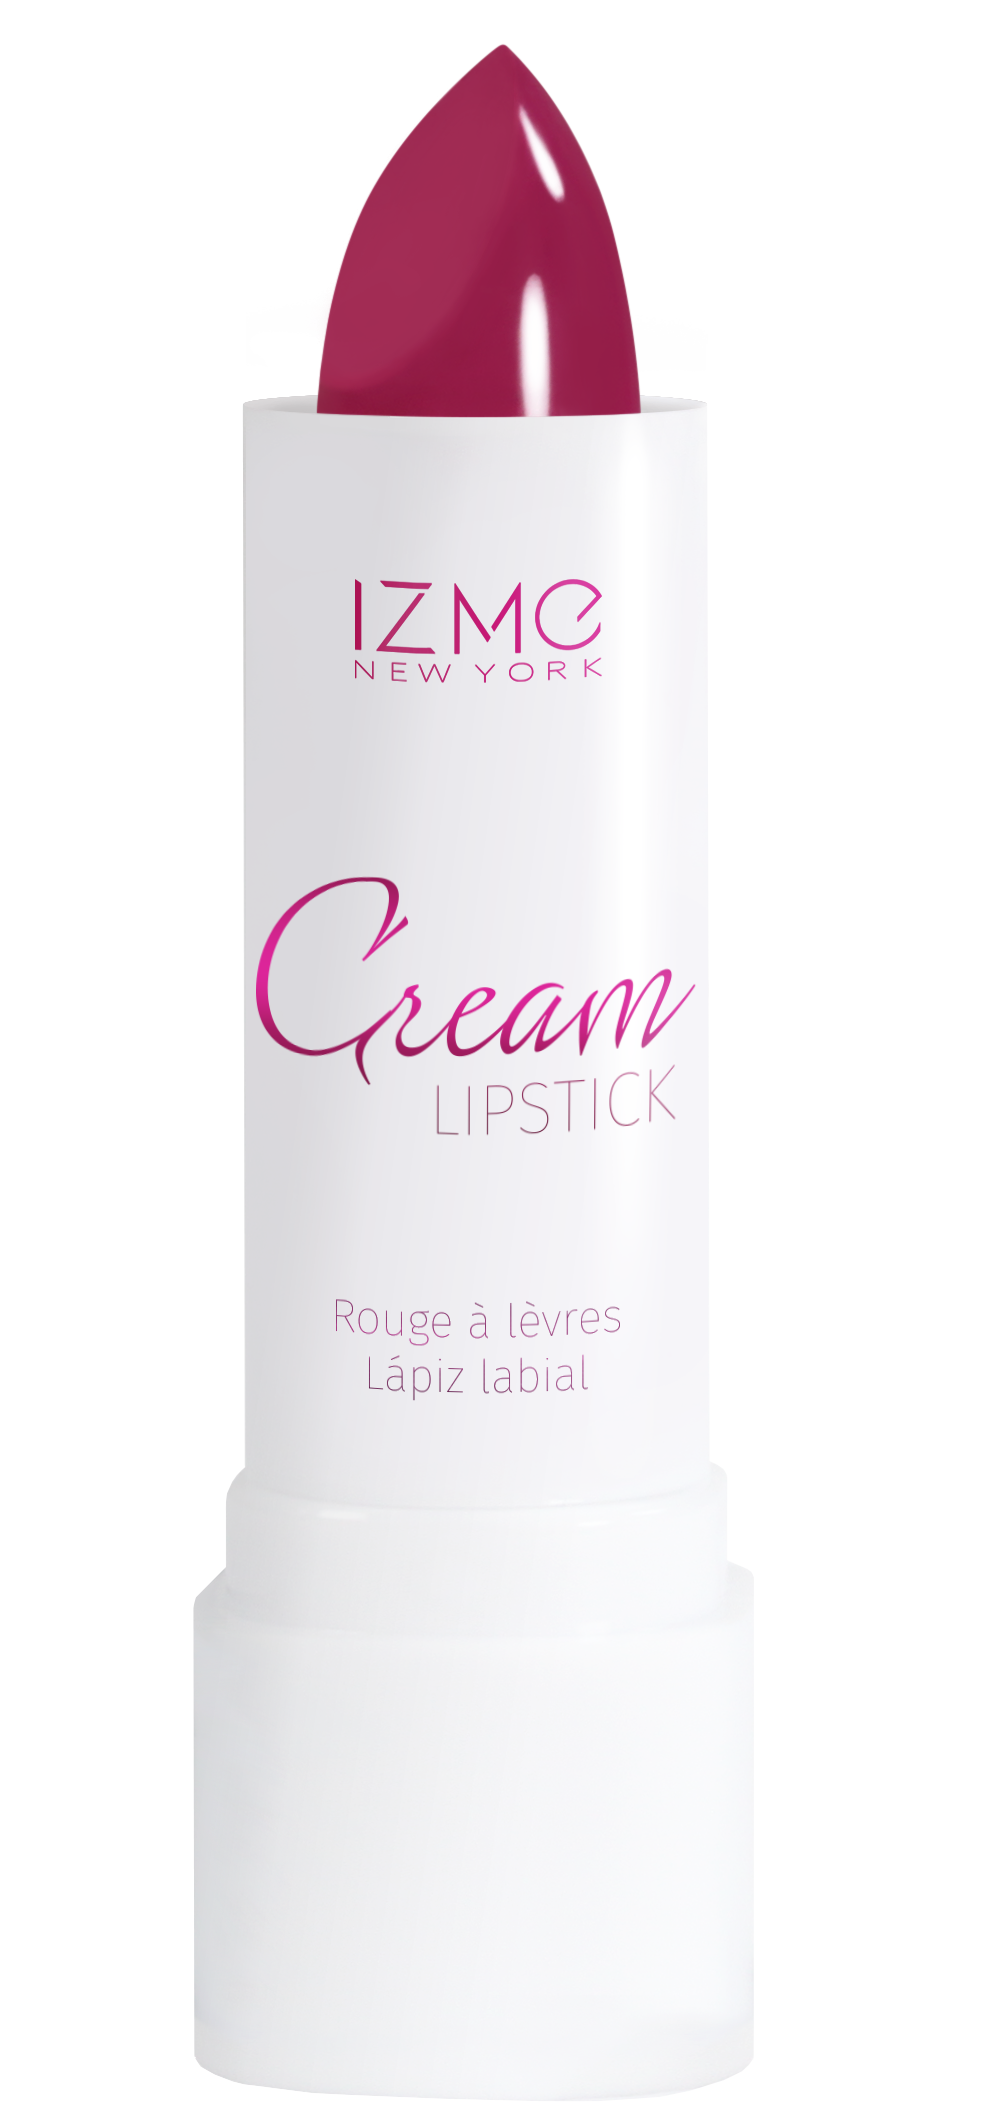 IZME New York Cream Lipstick – Merlot – 0.12 fl. Oz / 3.5 gm